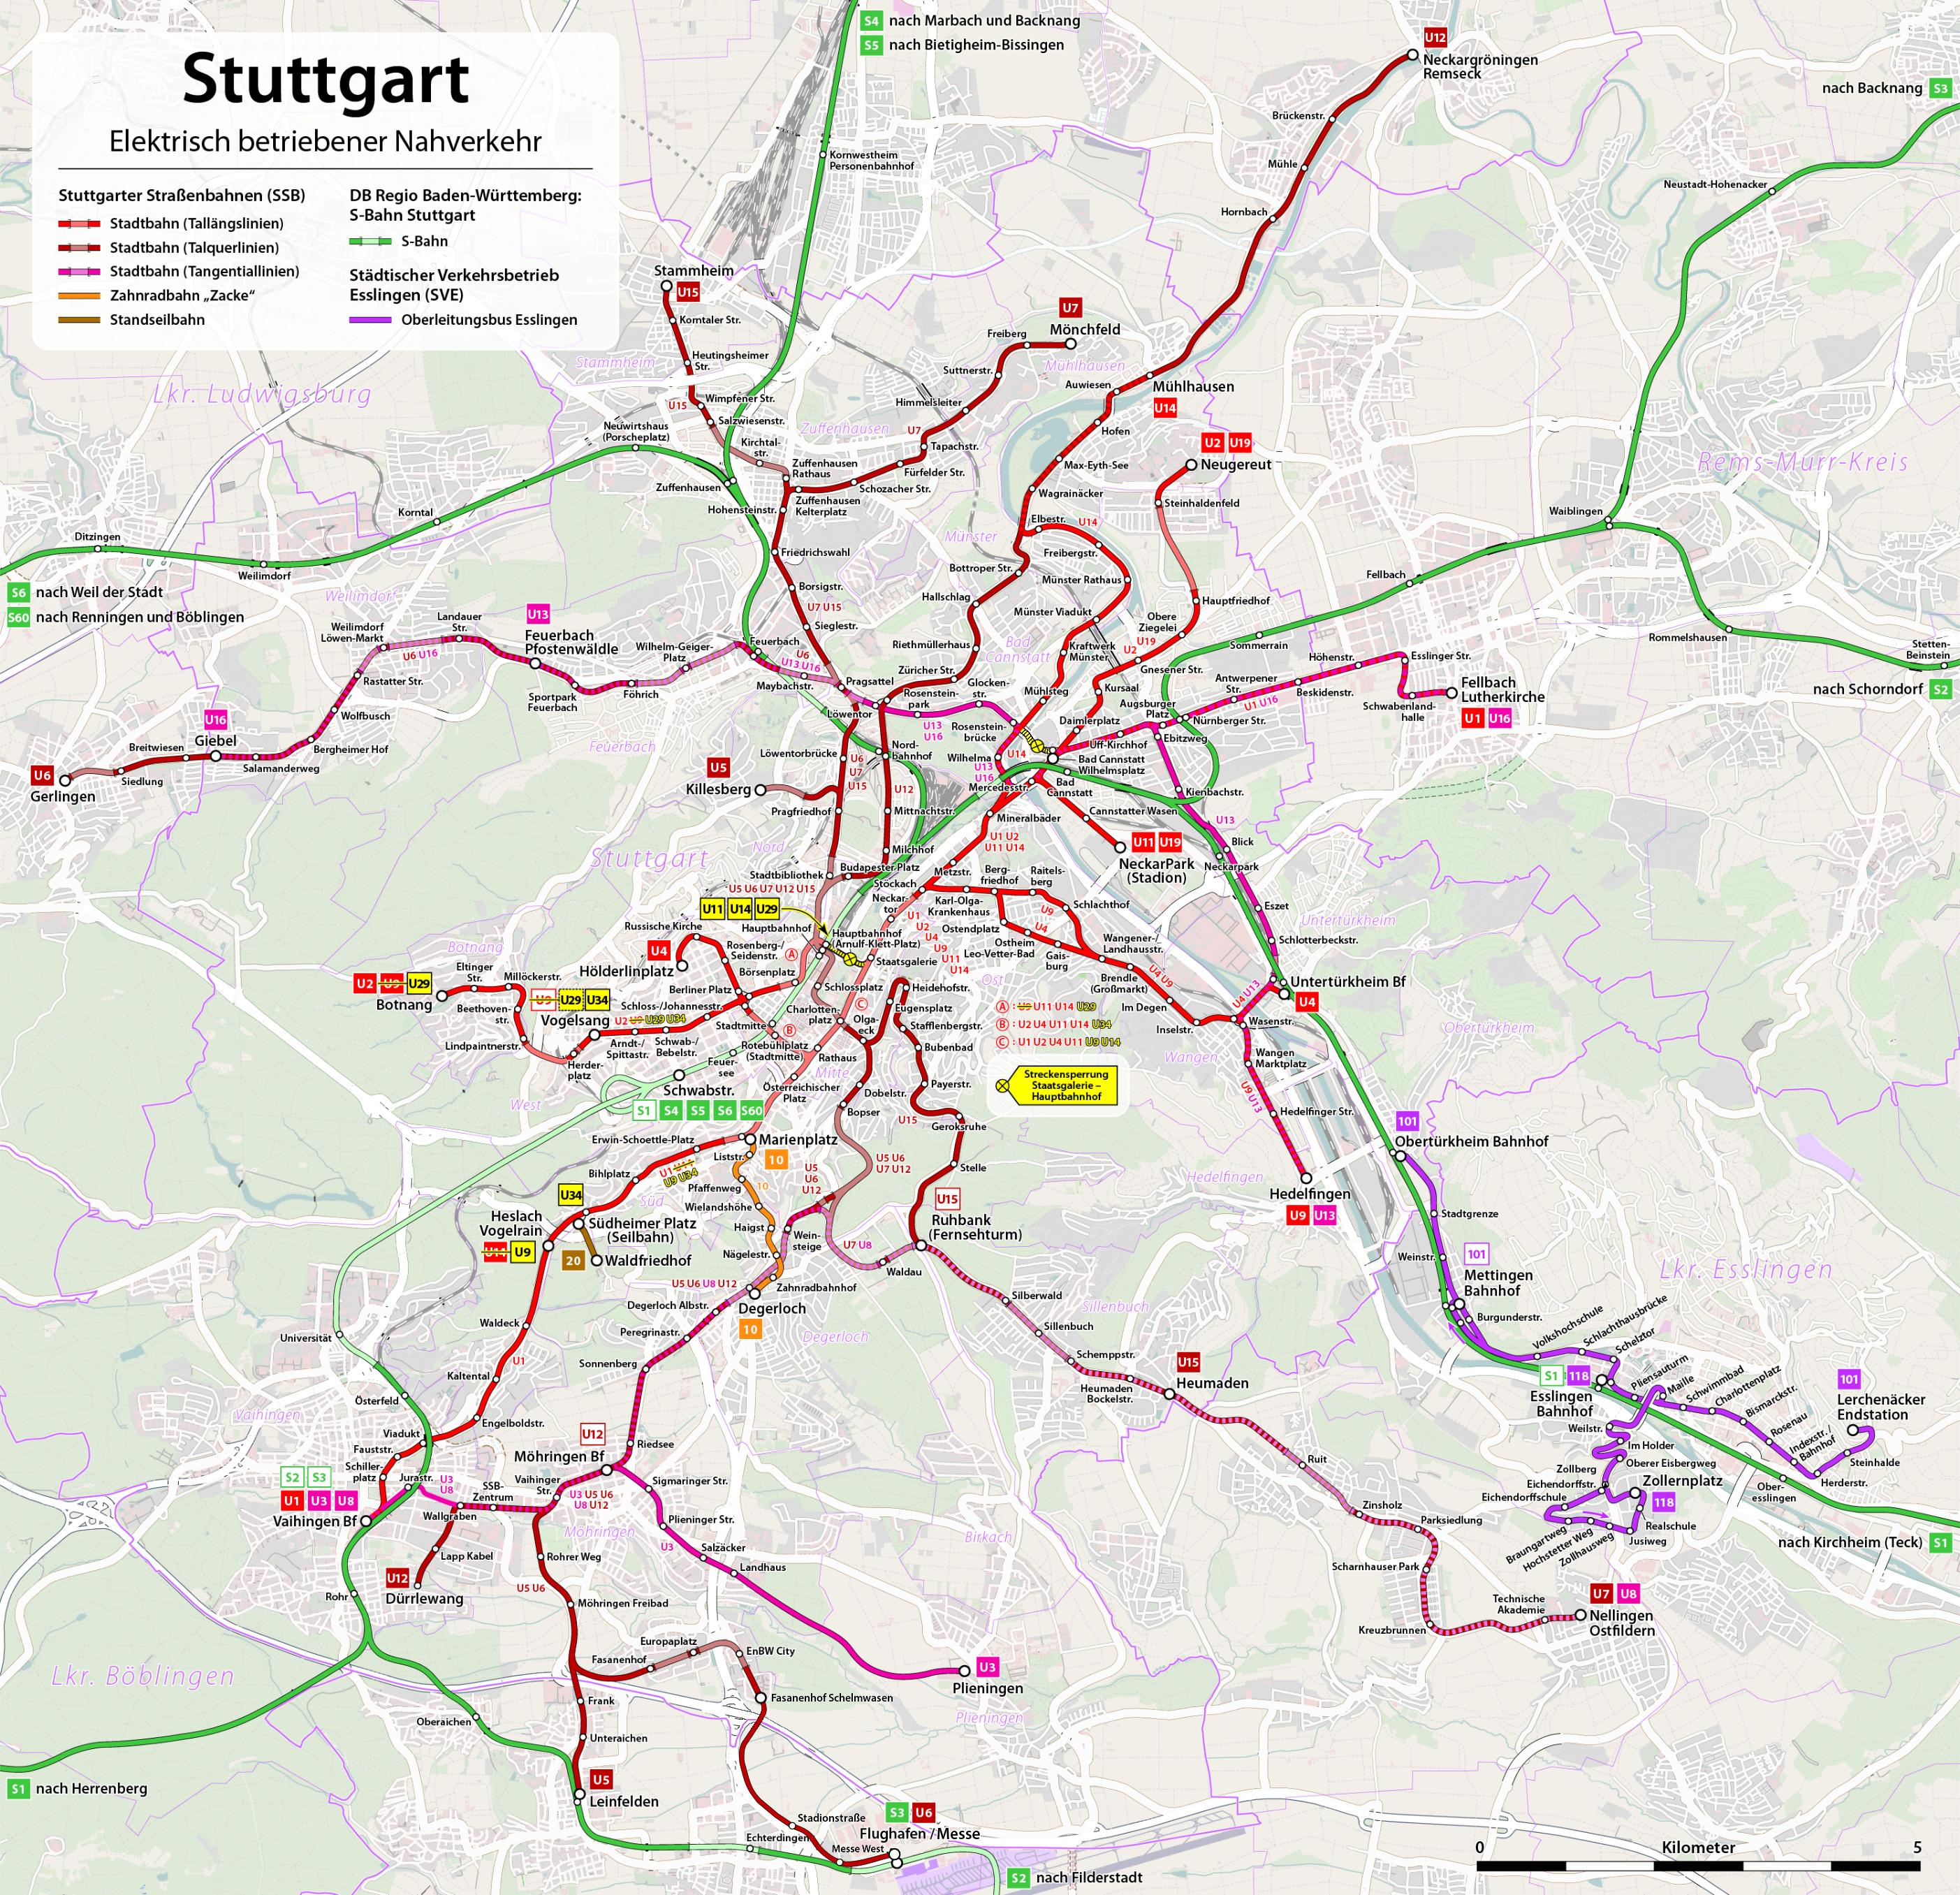 Fahrverbot Stuttgart Karte.Stuttgart Wikipedia